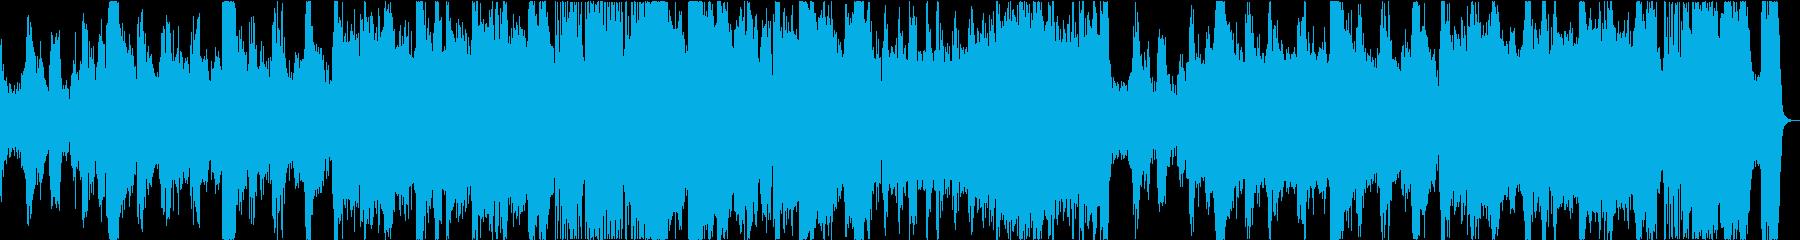 切迫した状況・疾走感・金管がブリブリの再生済みの波形